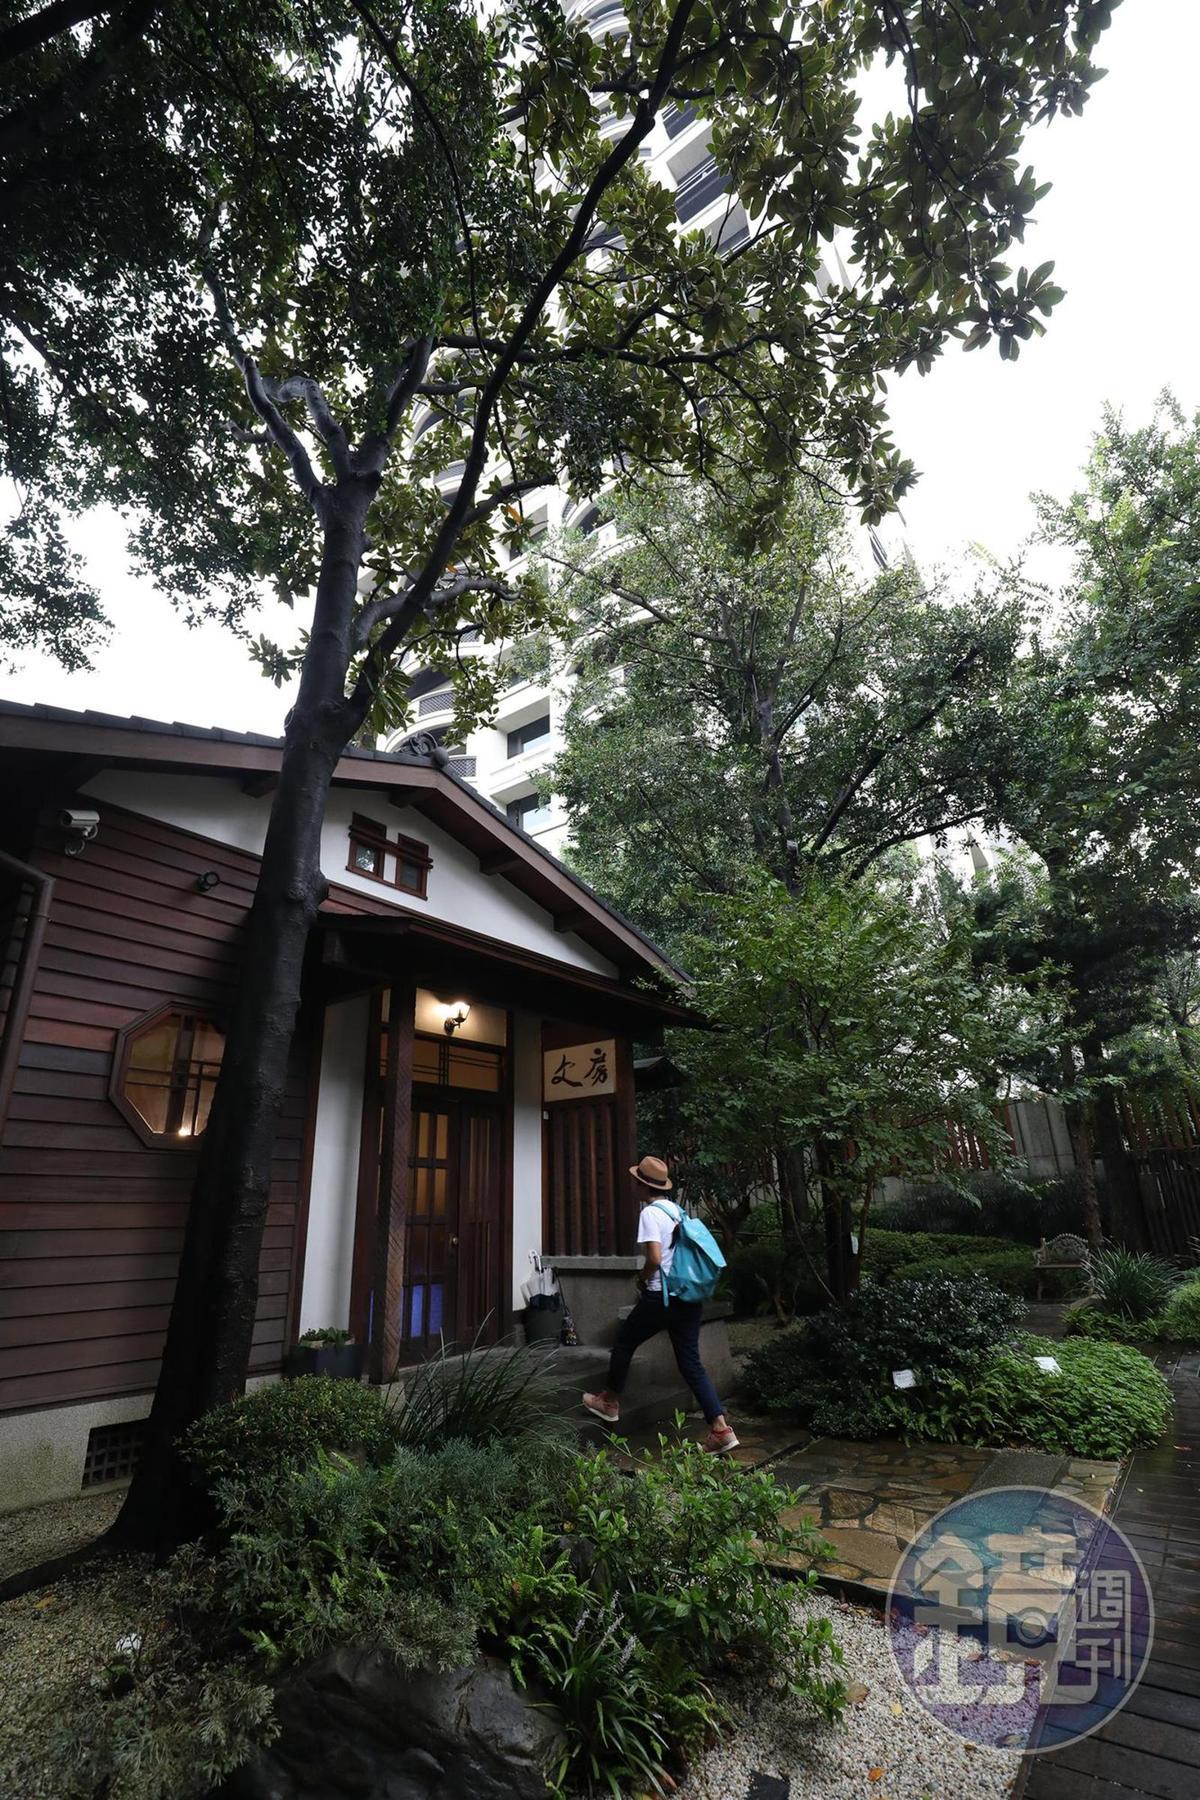 「文房」與四周的豪宅形成有趣的對比畫面。